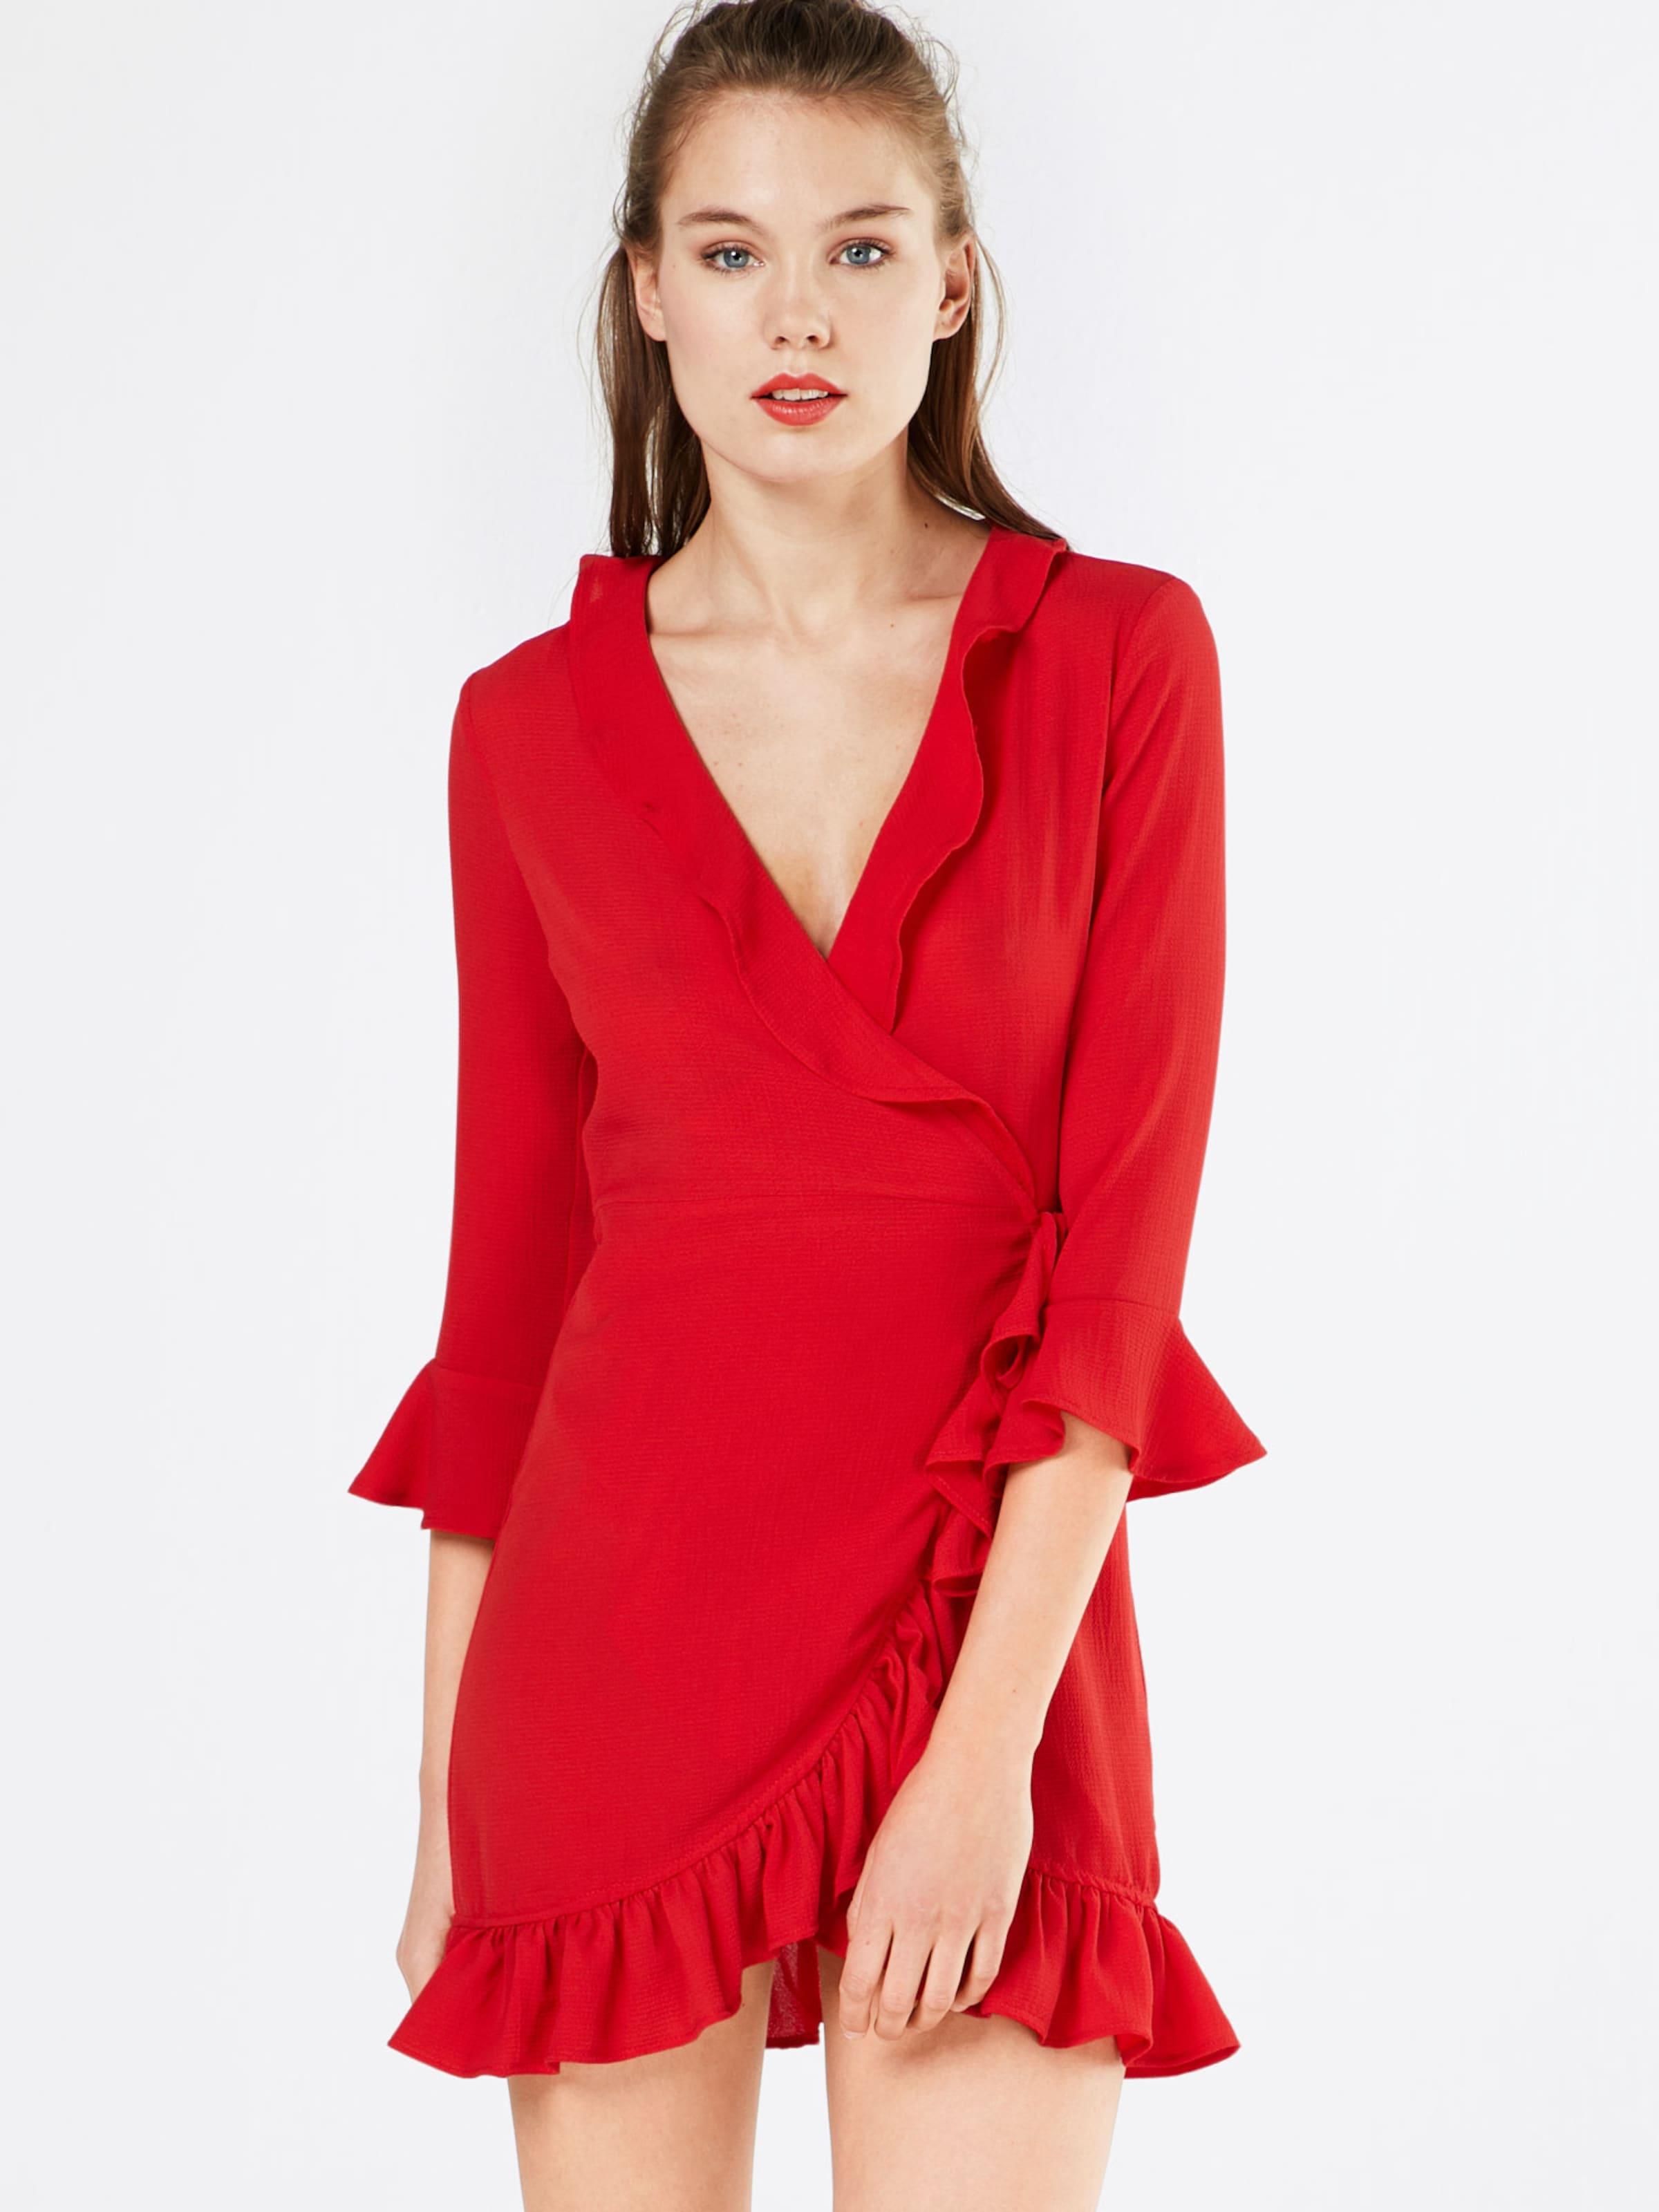 Günstig Kaufen Kosten Boohoo Kleid 'Bethany Frill' Billiges Countdown-Paket guZgLz9y8